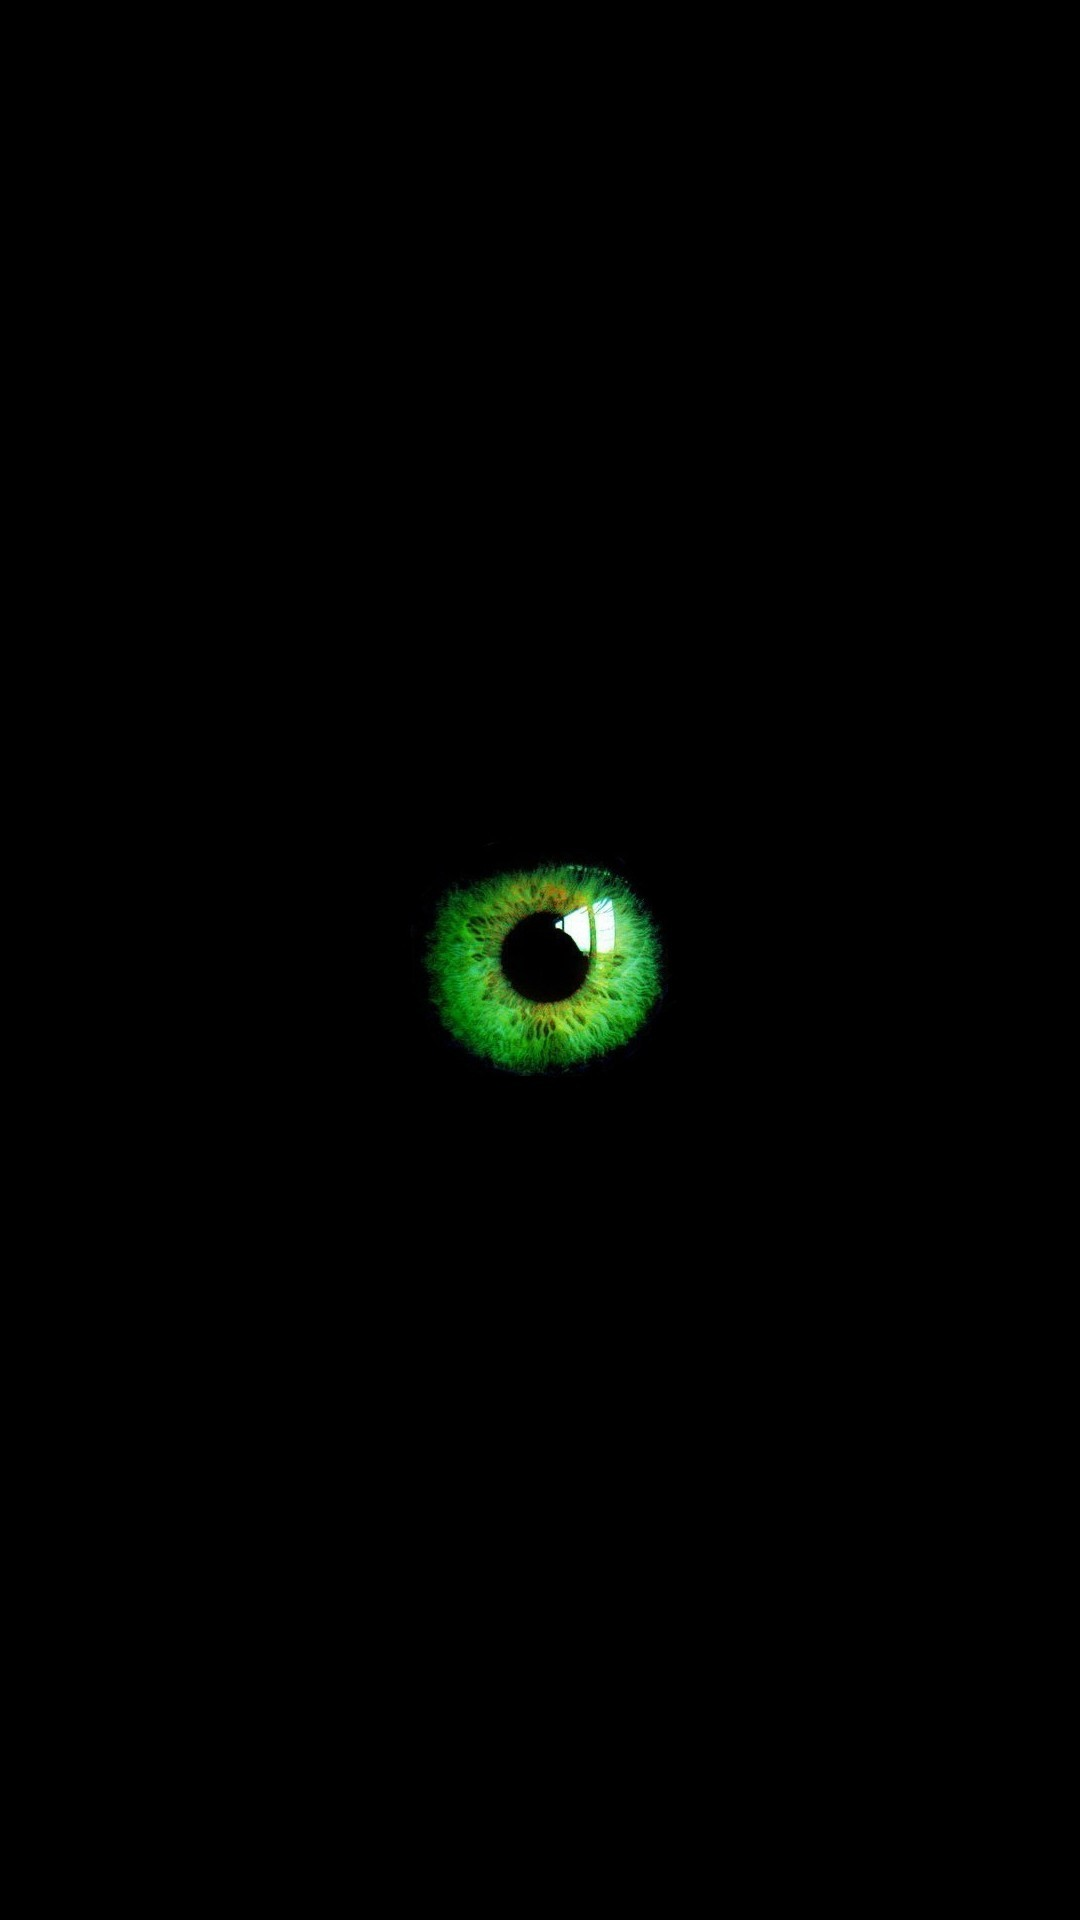 Green eye Mobile Wallpaper 4401 1080x1920